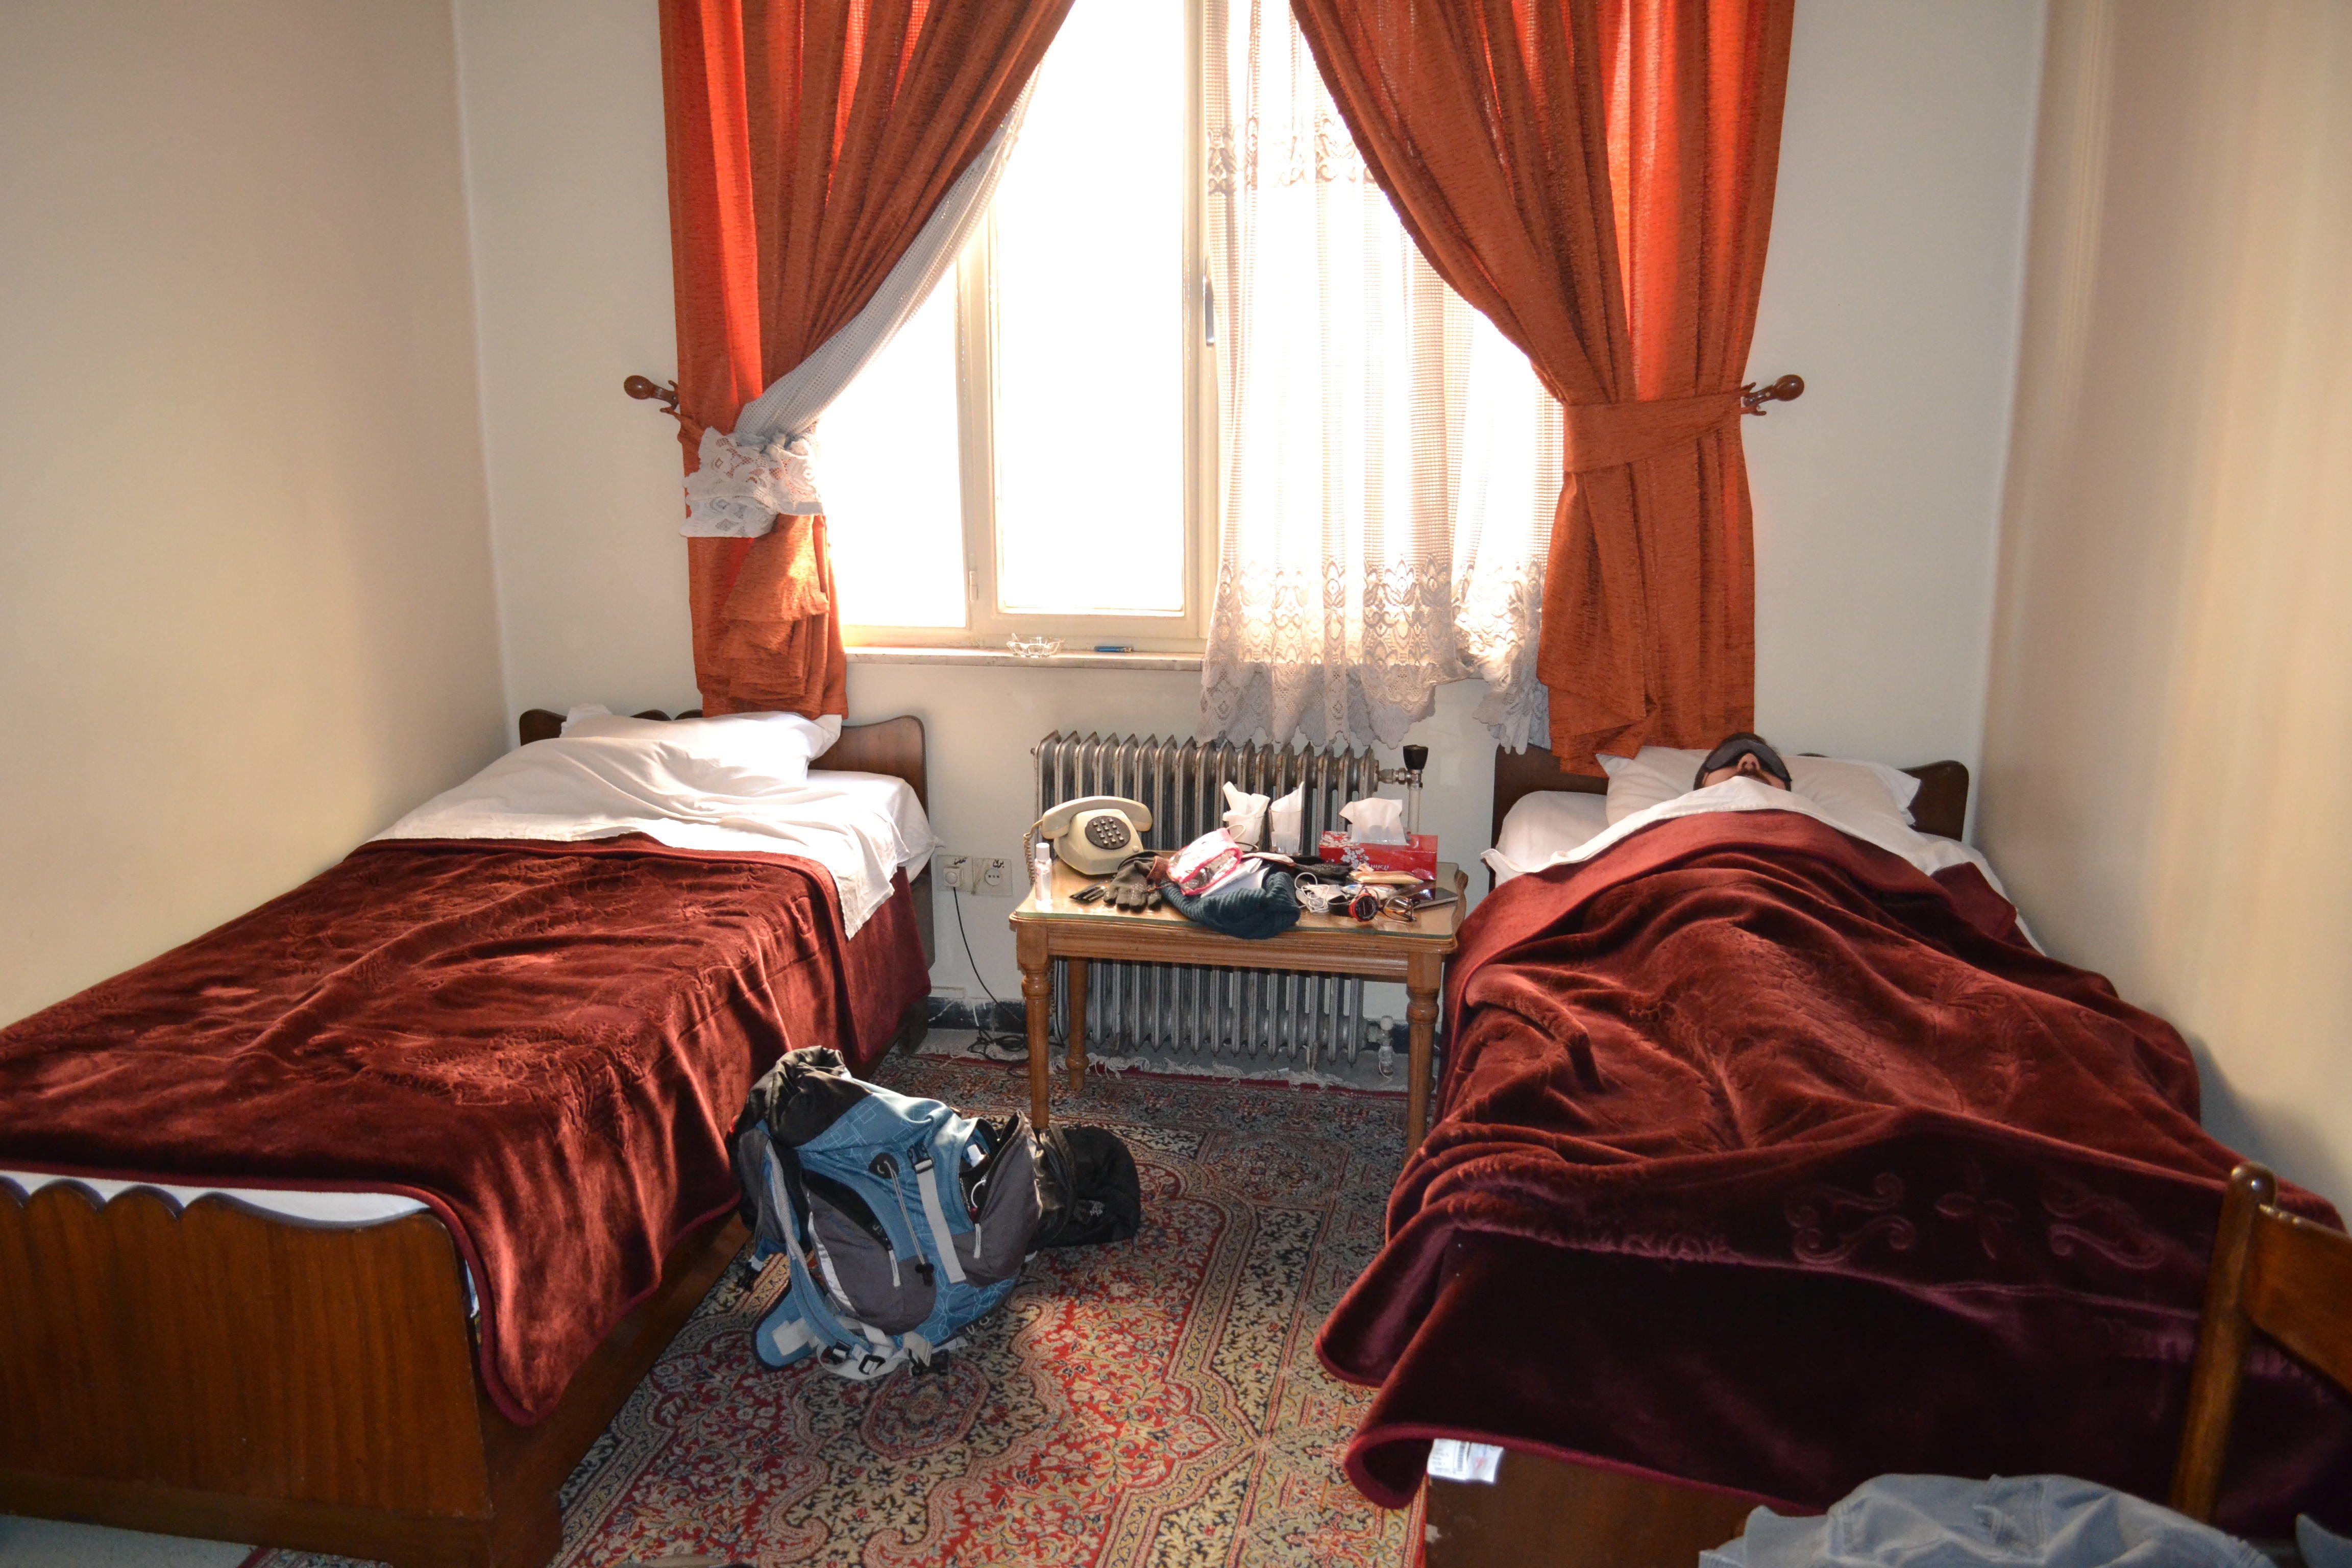 Bagno In Comune Hotel : Hotel adelchi milano lombardia italia